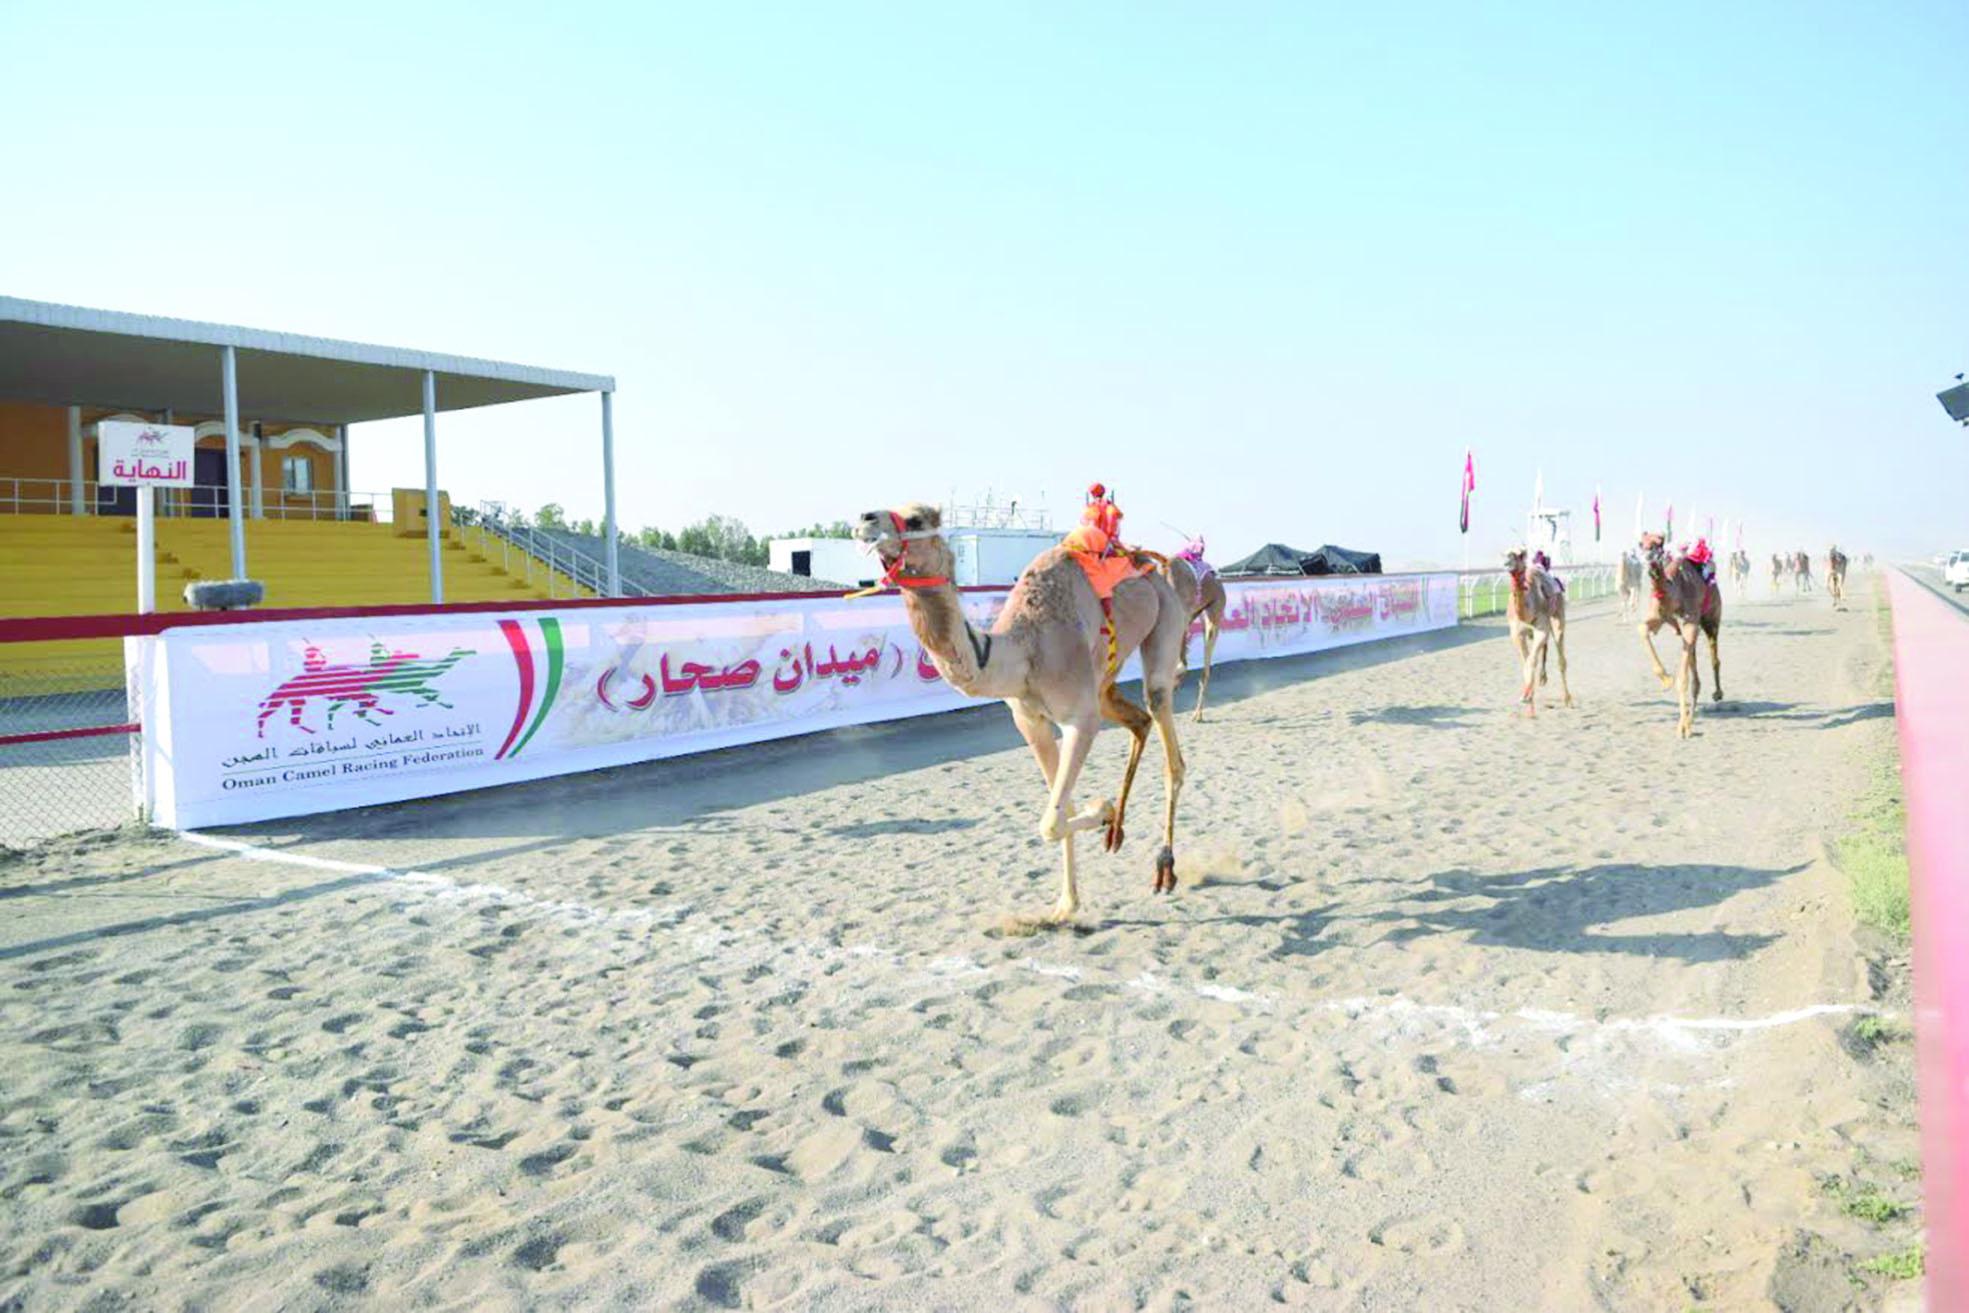 لليوم الثاني على التوالي تواصل أشواط السباق السنوي للهجن في صحار